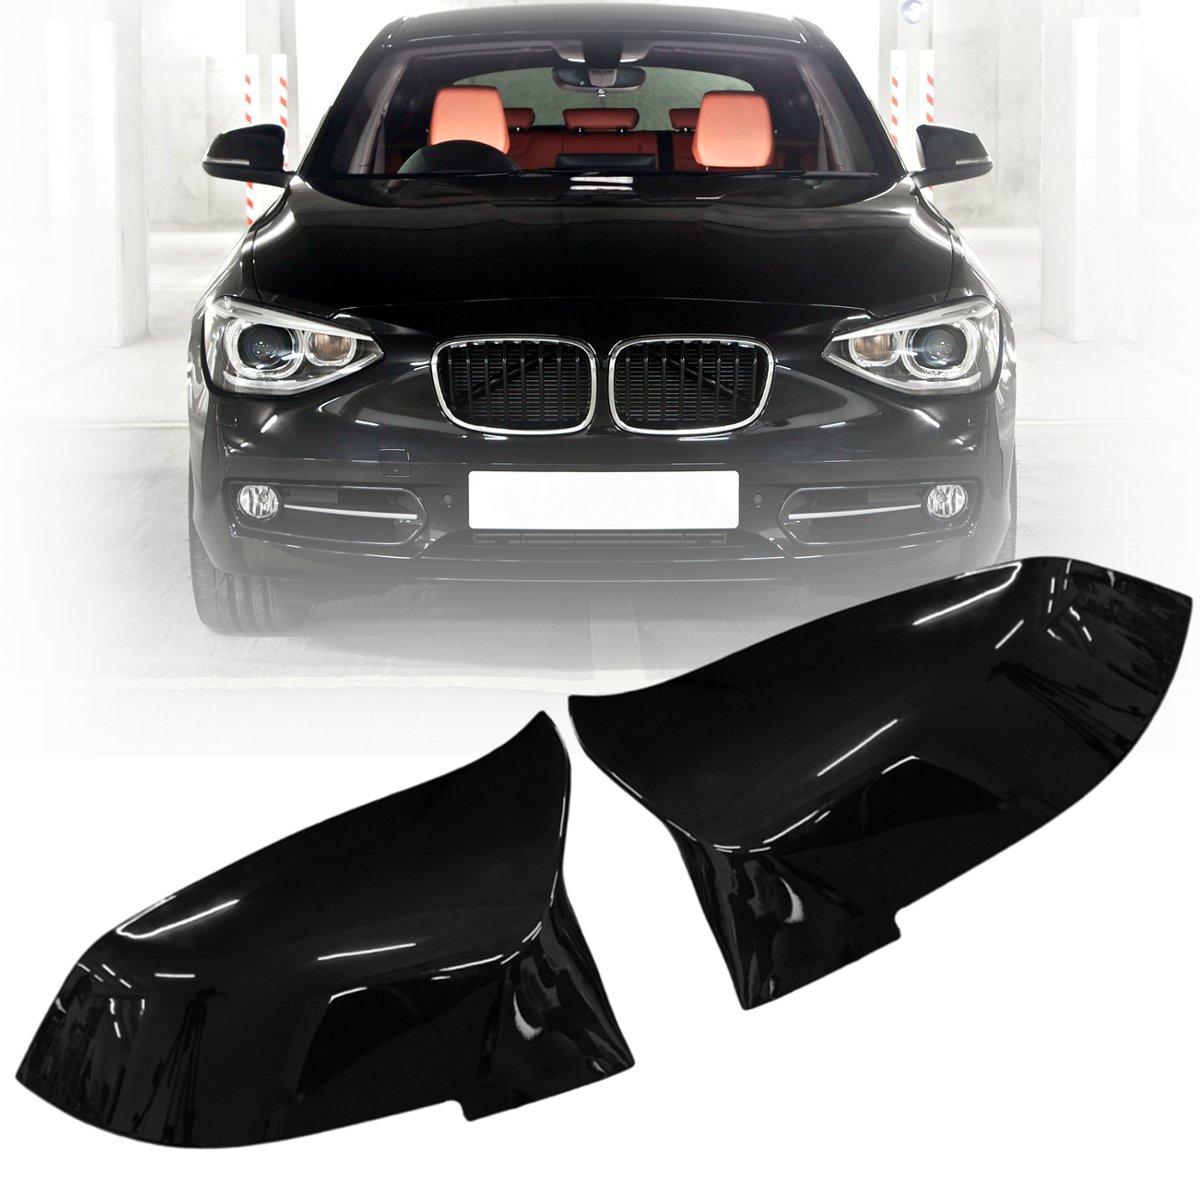 4 Paire de couleur Noir Brillant Couvercle de Rétroviseur Pour BMW F20 F21 F22 F30 F32 F36 X1 F87 M3 2012 2013 2014 2015 2016 2017